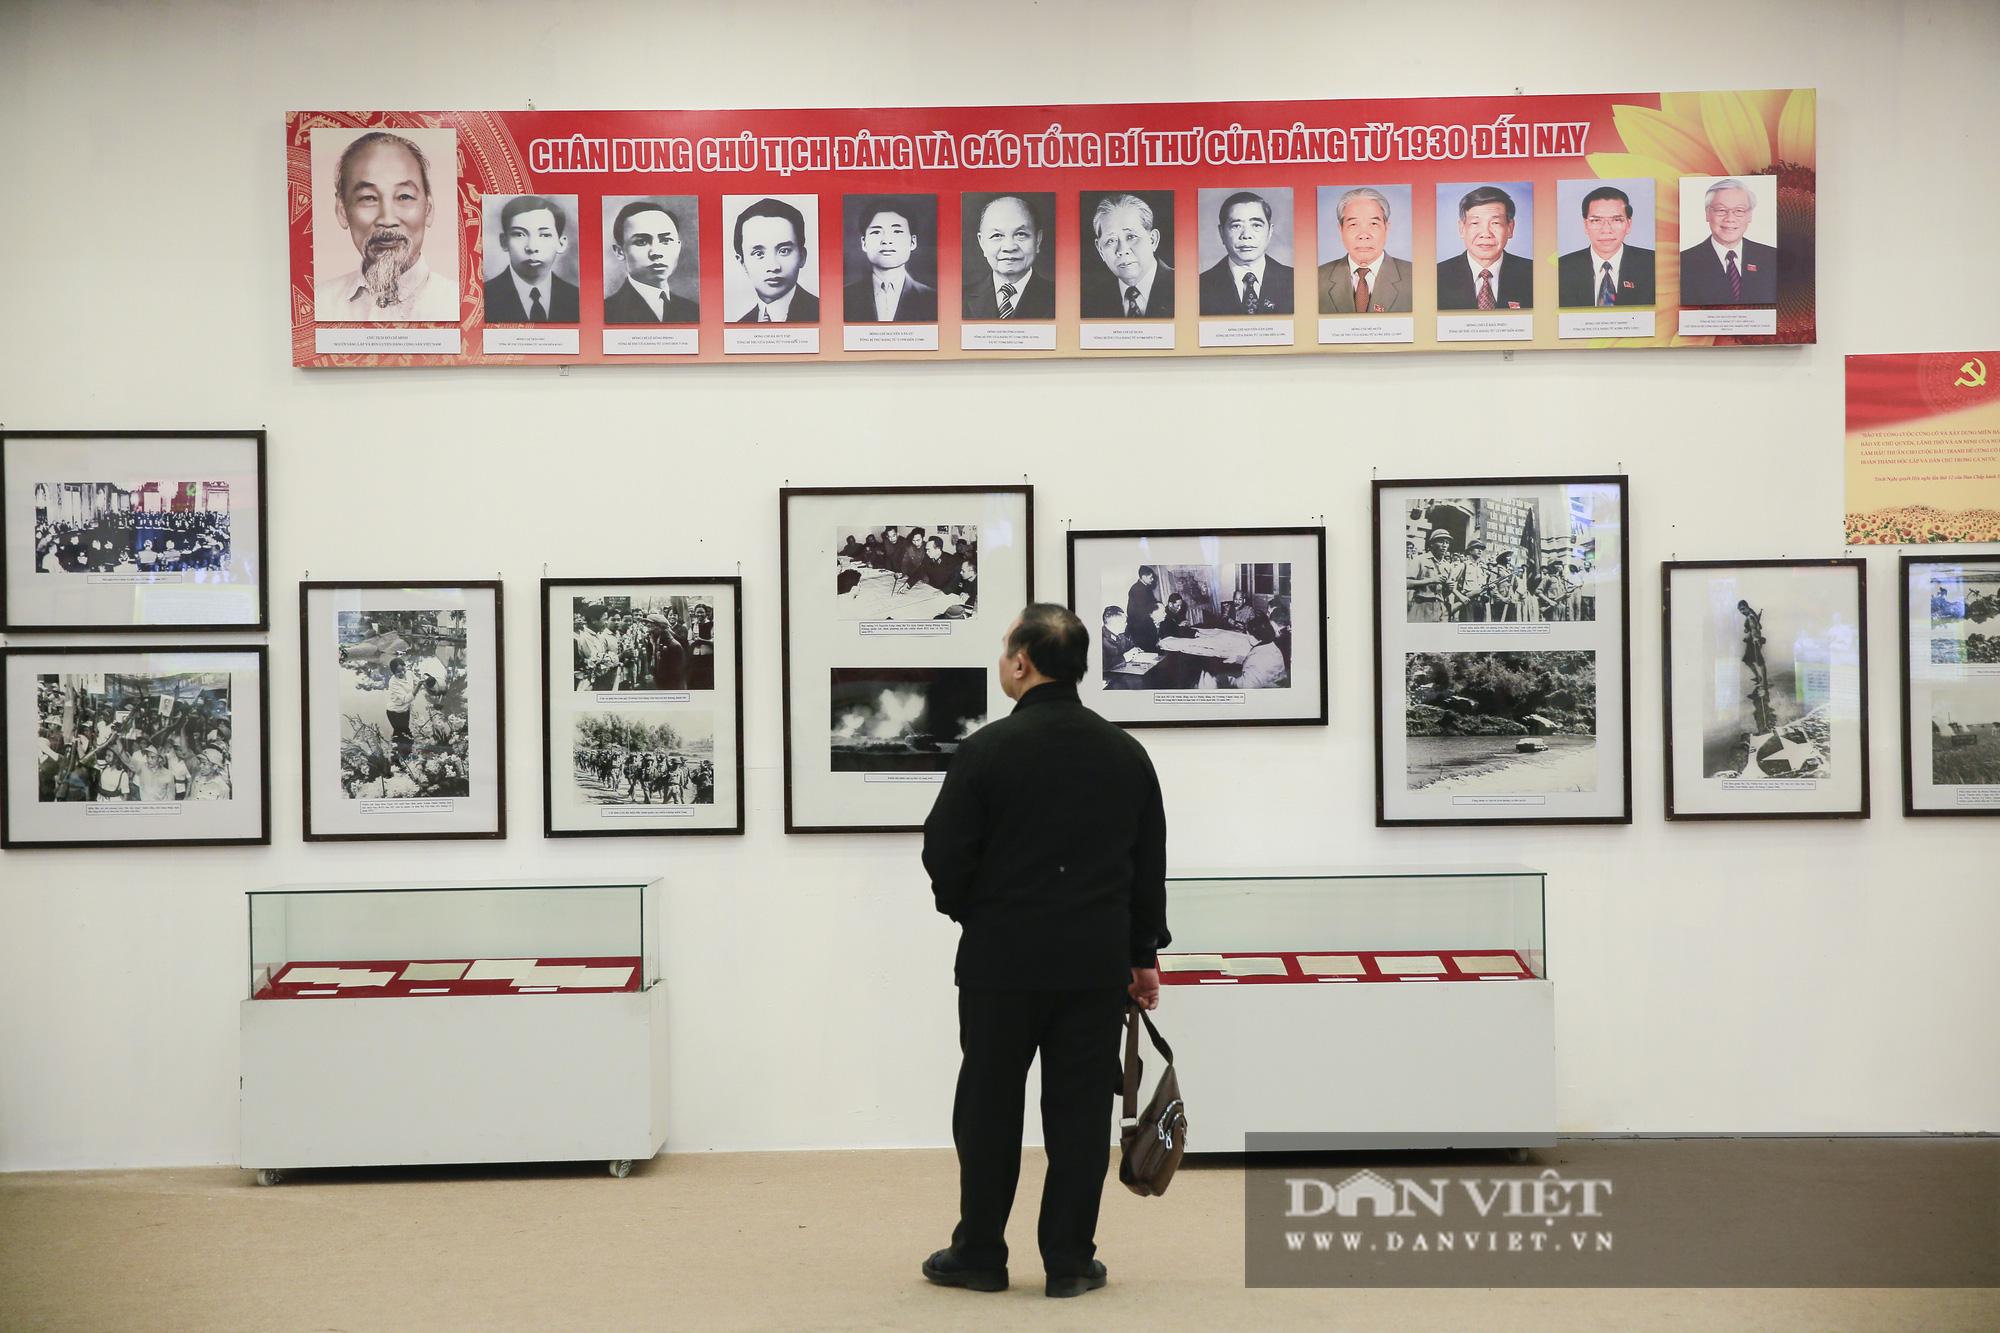 """Cận cảnh những tư liệu quý và khí tài quân sự Việt Nam tại triển lãm """"Đảng ta thật là vĩ đại"""" - Ảnh 1."""